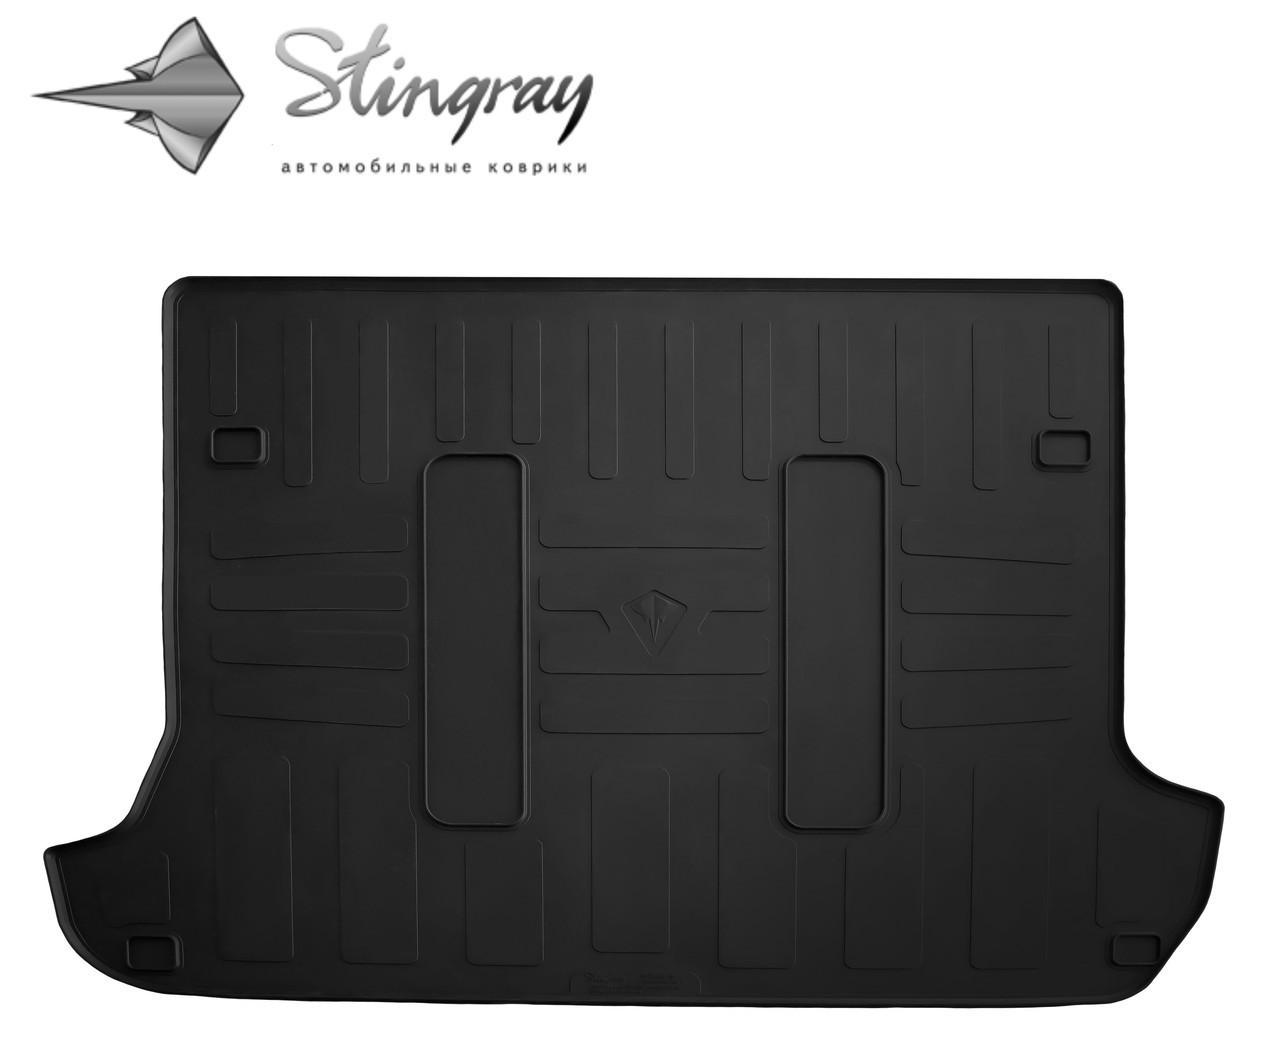 Килимок багажника Lexus GX 470 2002- (7 місць) Stingray